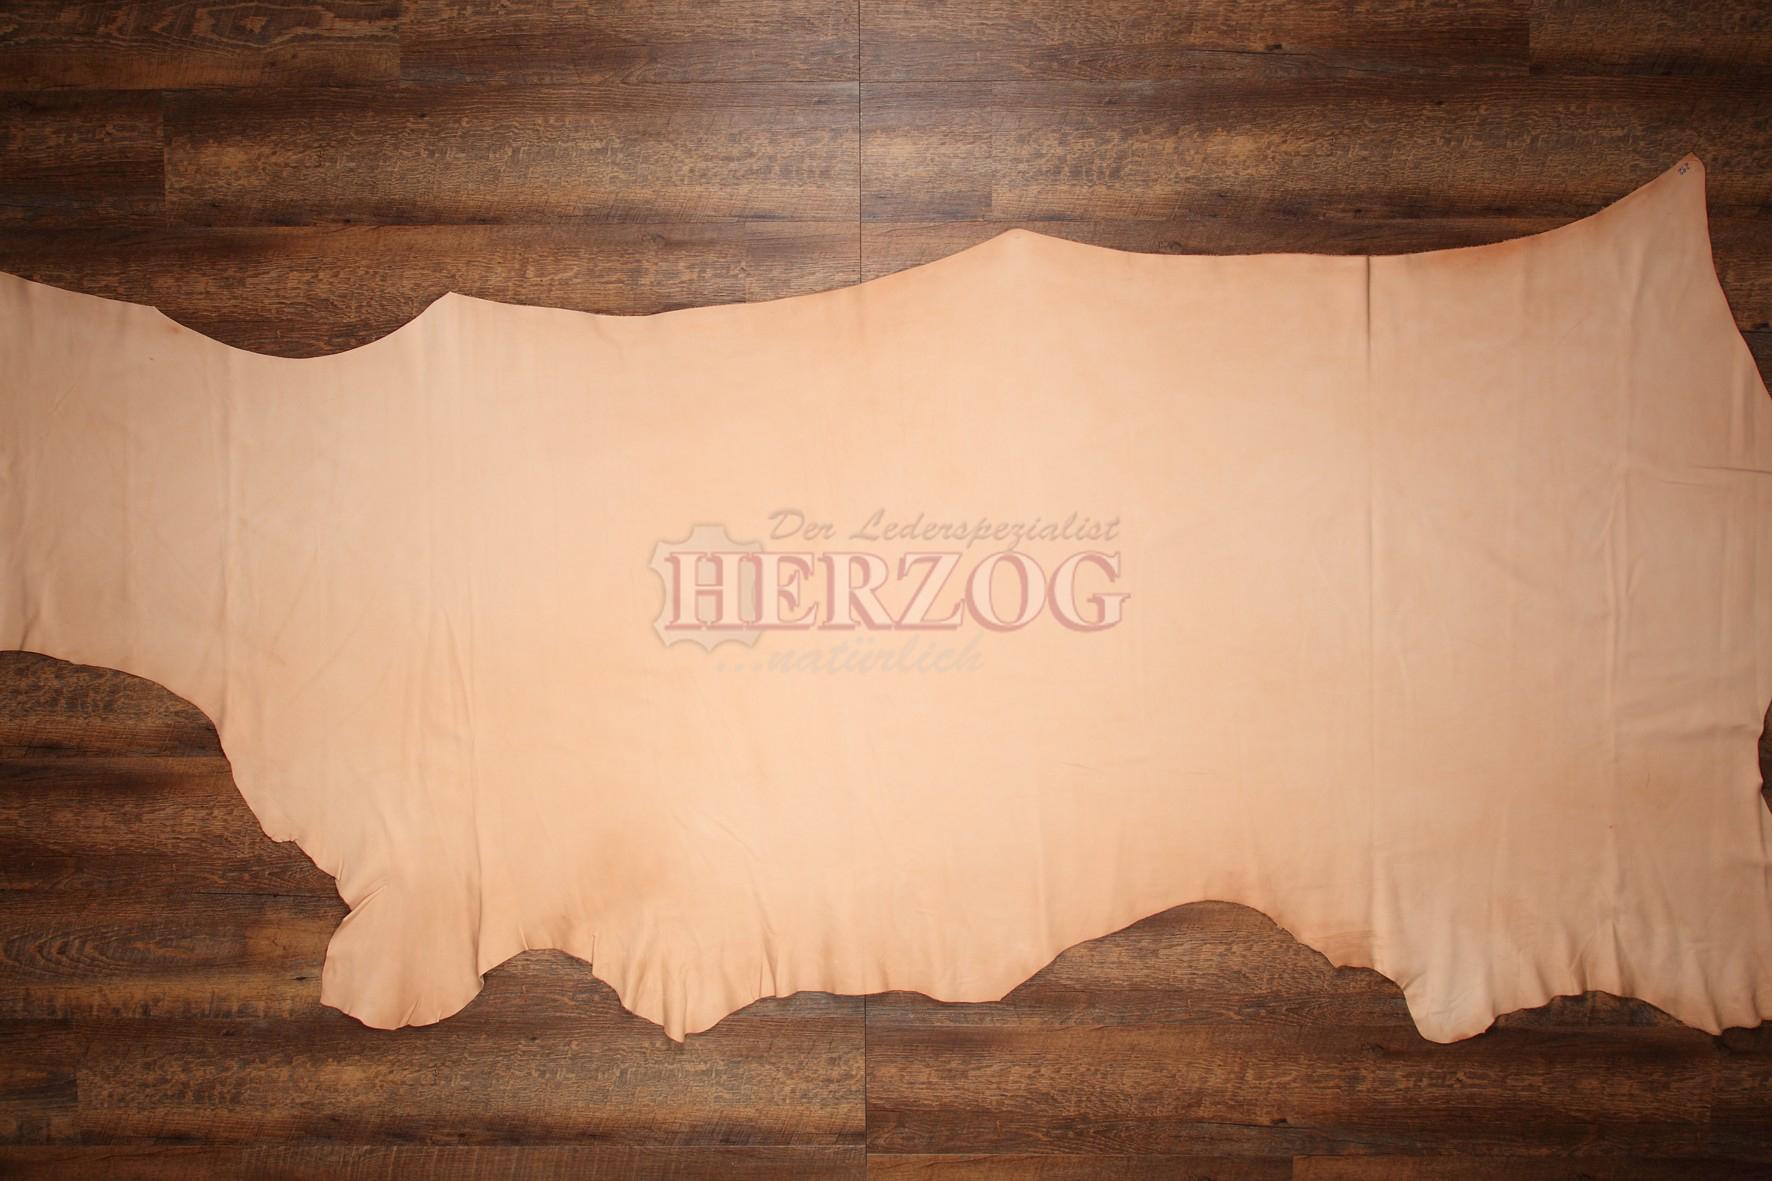 Herzog Rindnappaleder (1/2 Haut, fleischfarbig)